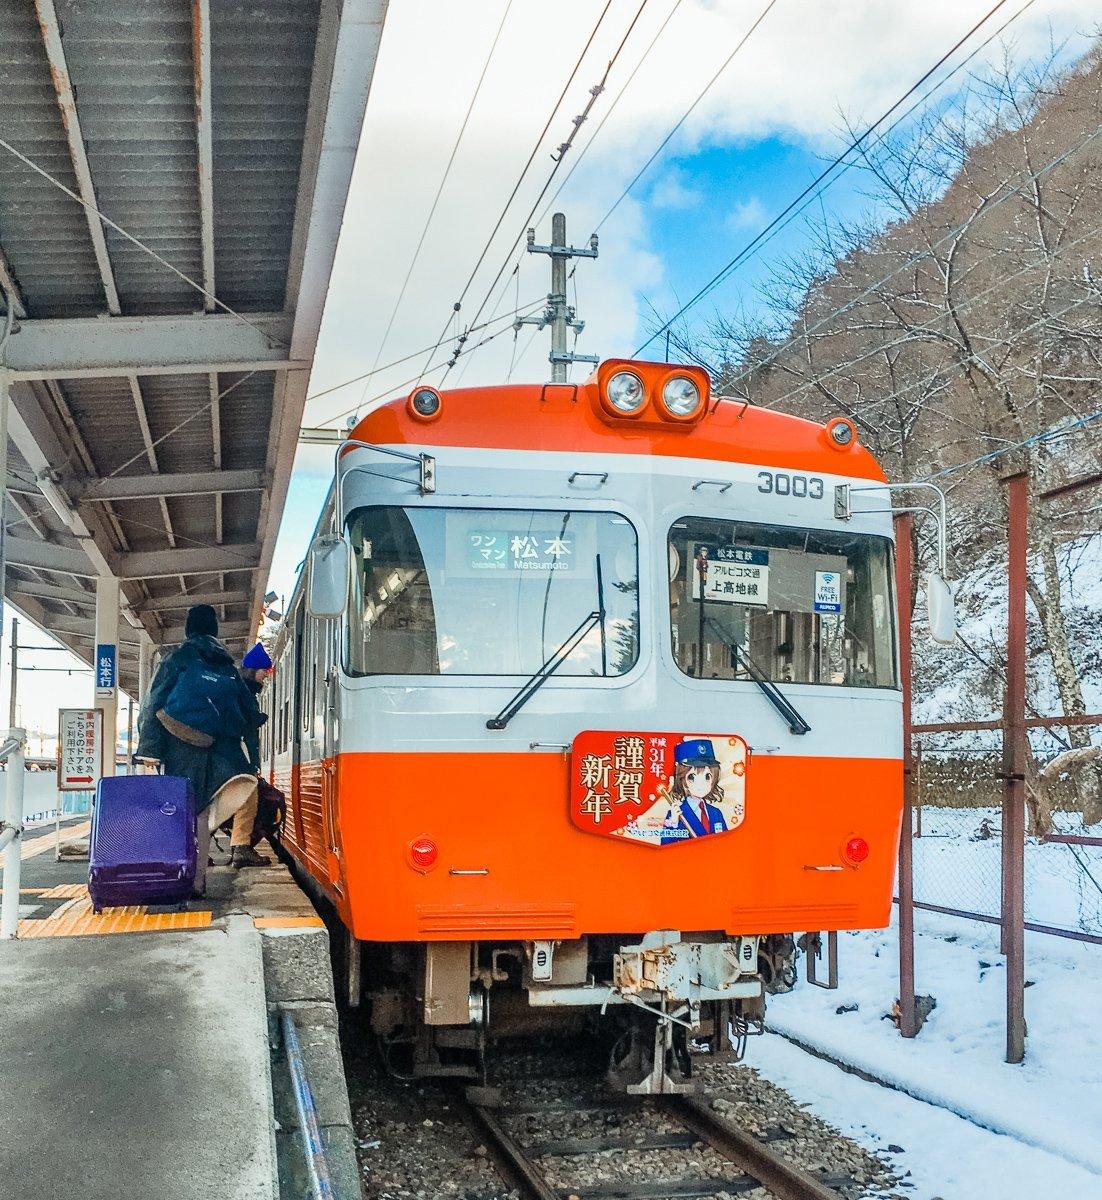 Matsumoto Electric Railway - Matsumoto to Norikura Kogen